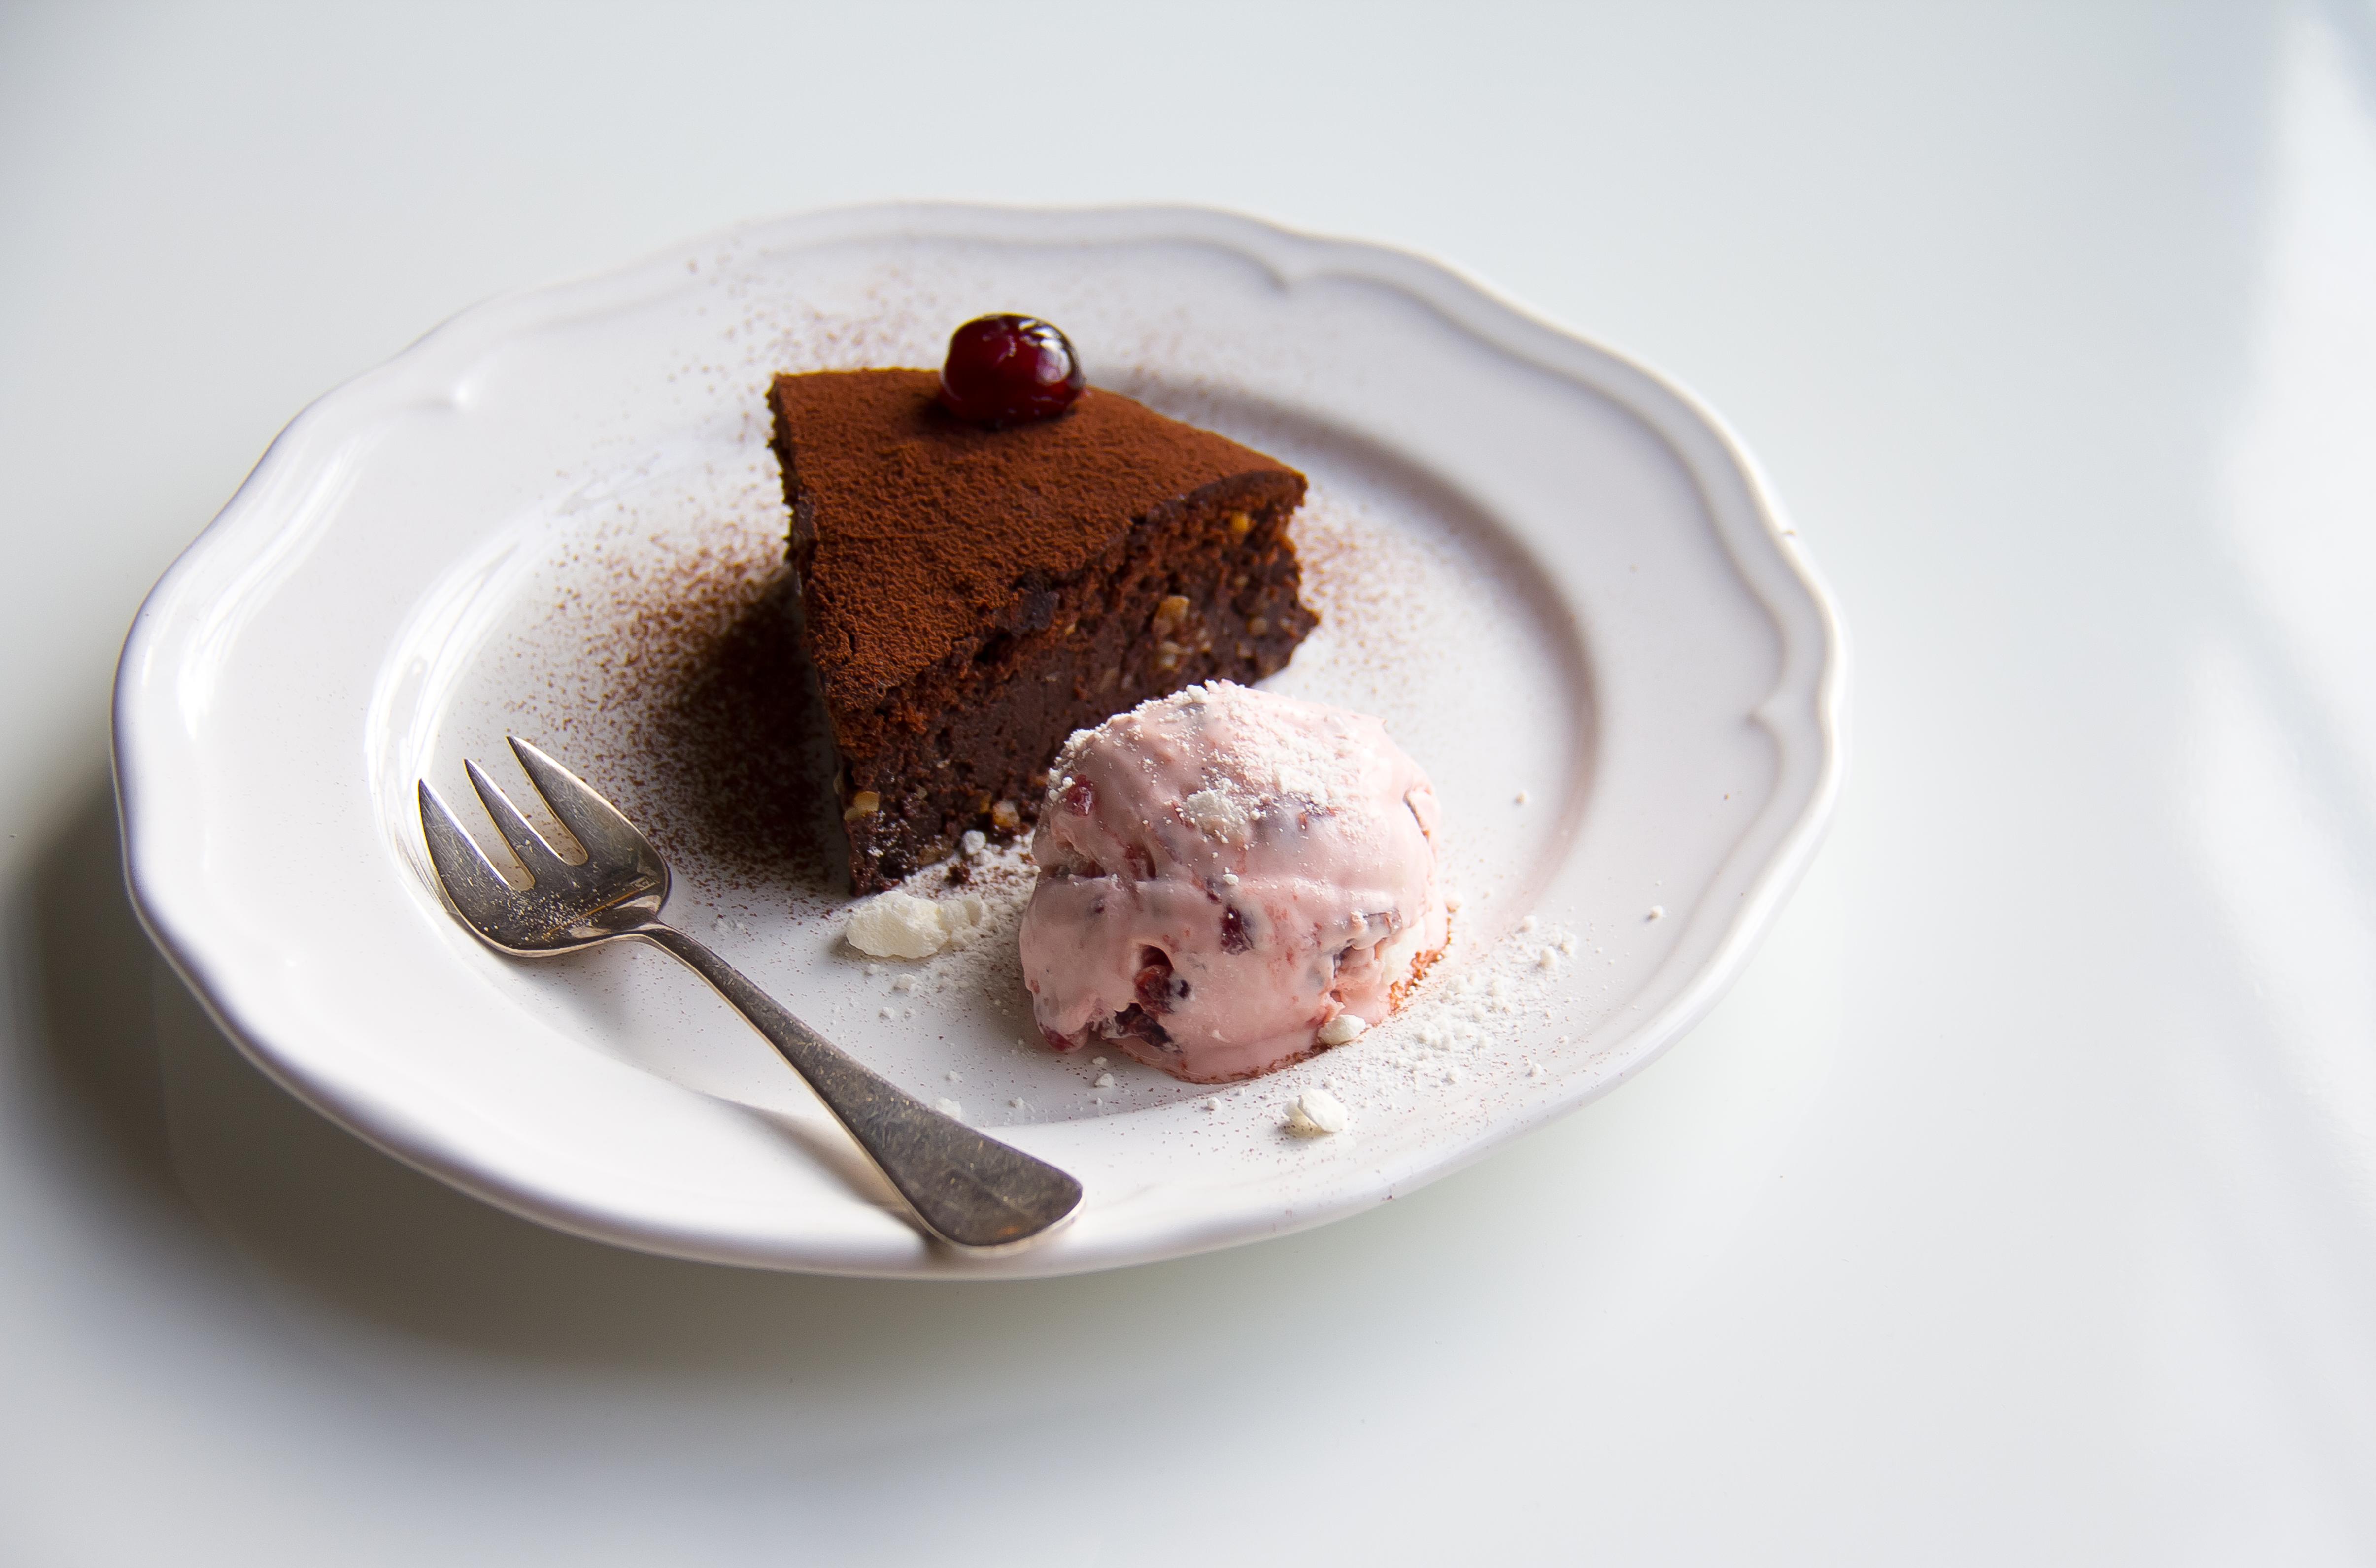 Dessert Recipes - Great British Chefs